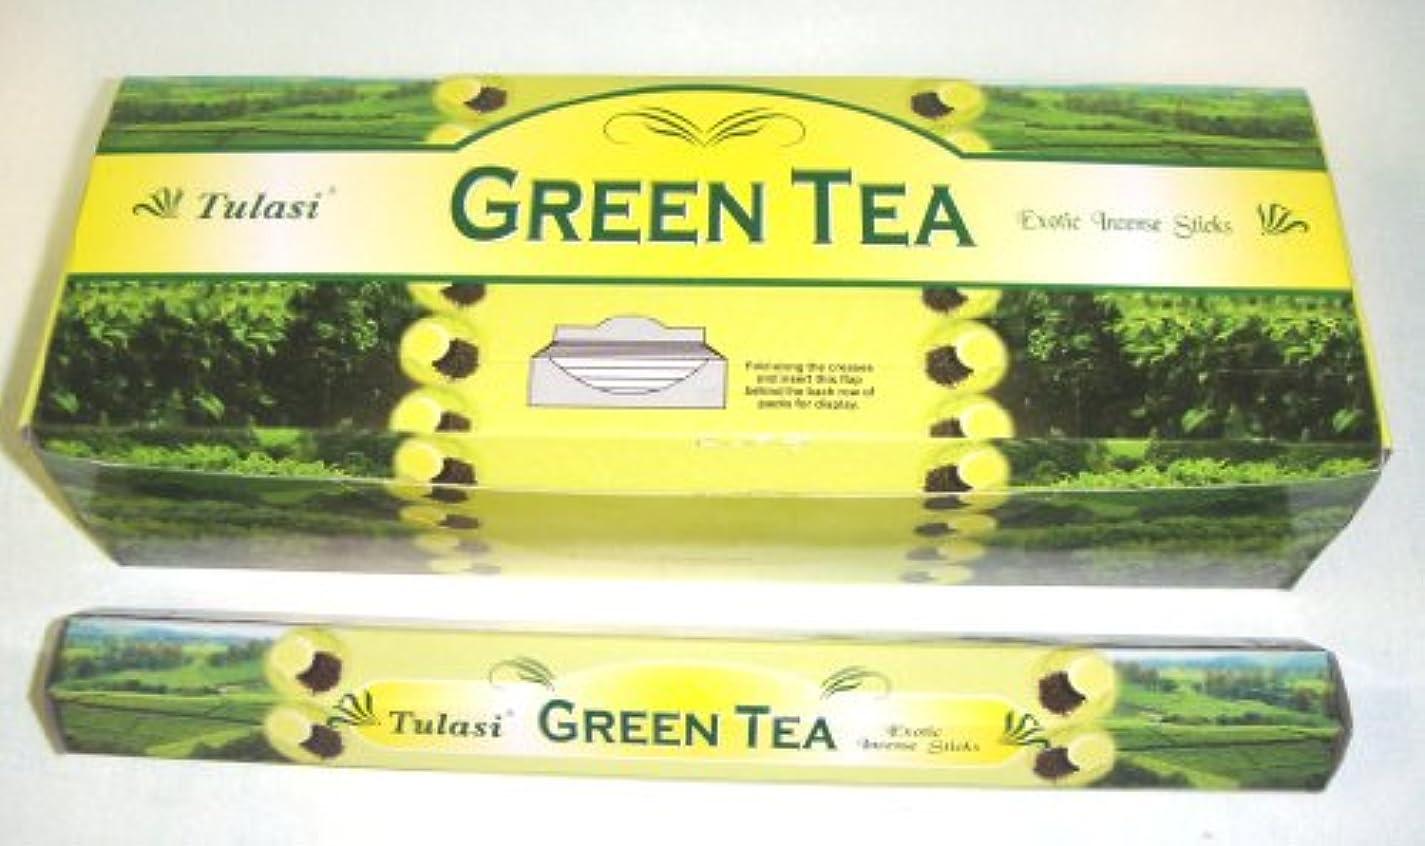 理容室イサカ独立Tulasi グリーンティー(GREEN TEA)香 スティック 6角(20本入り)×1箱